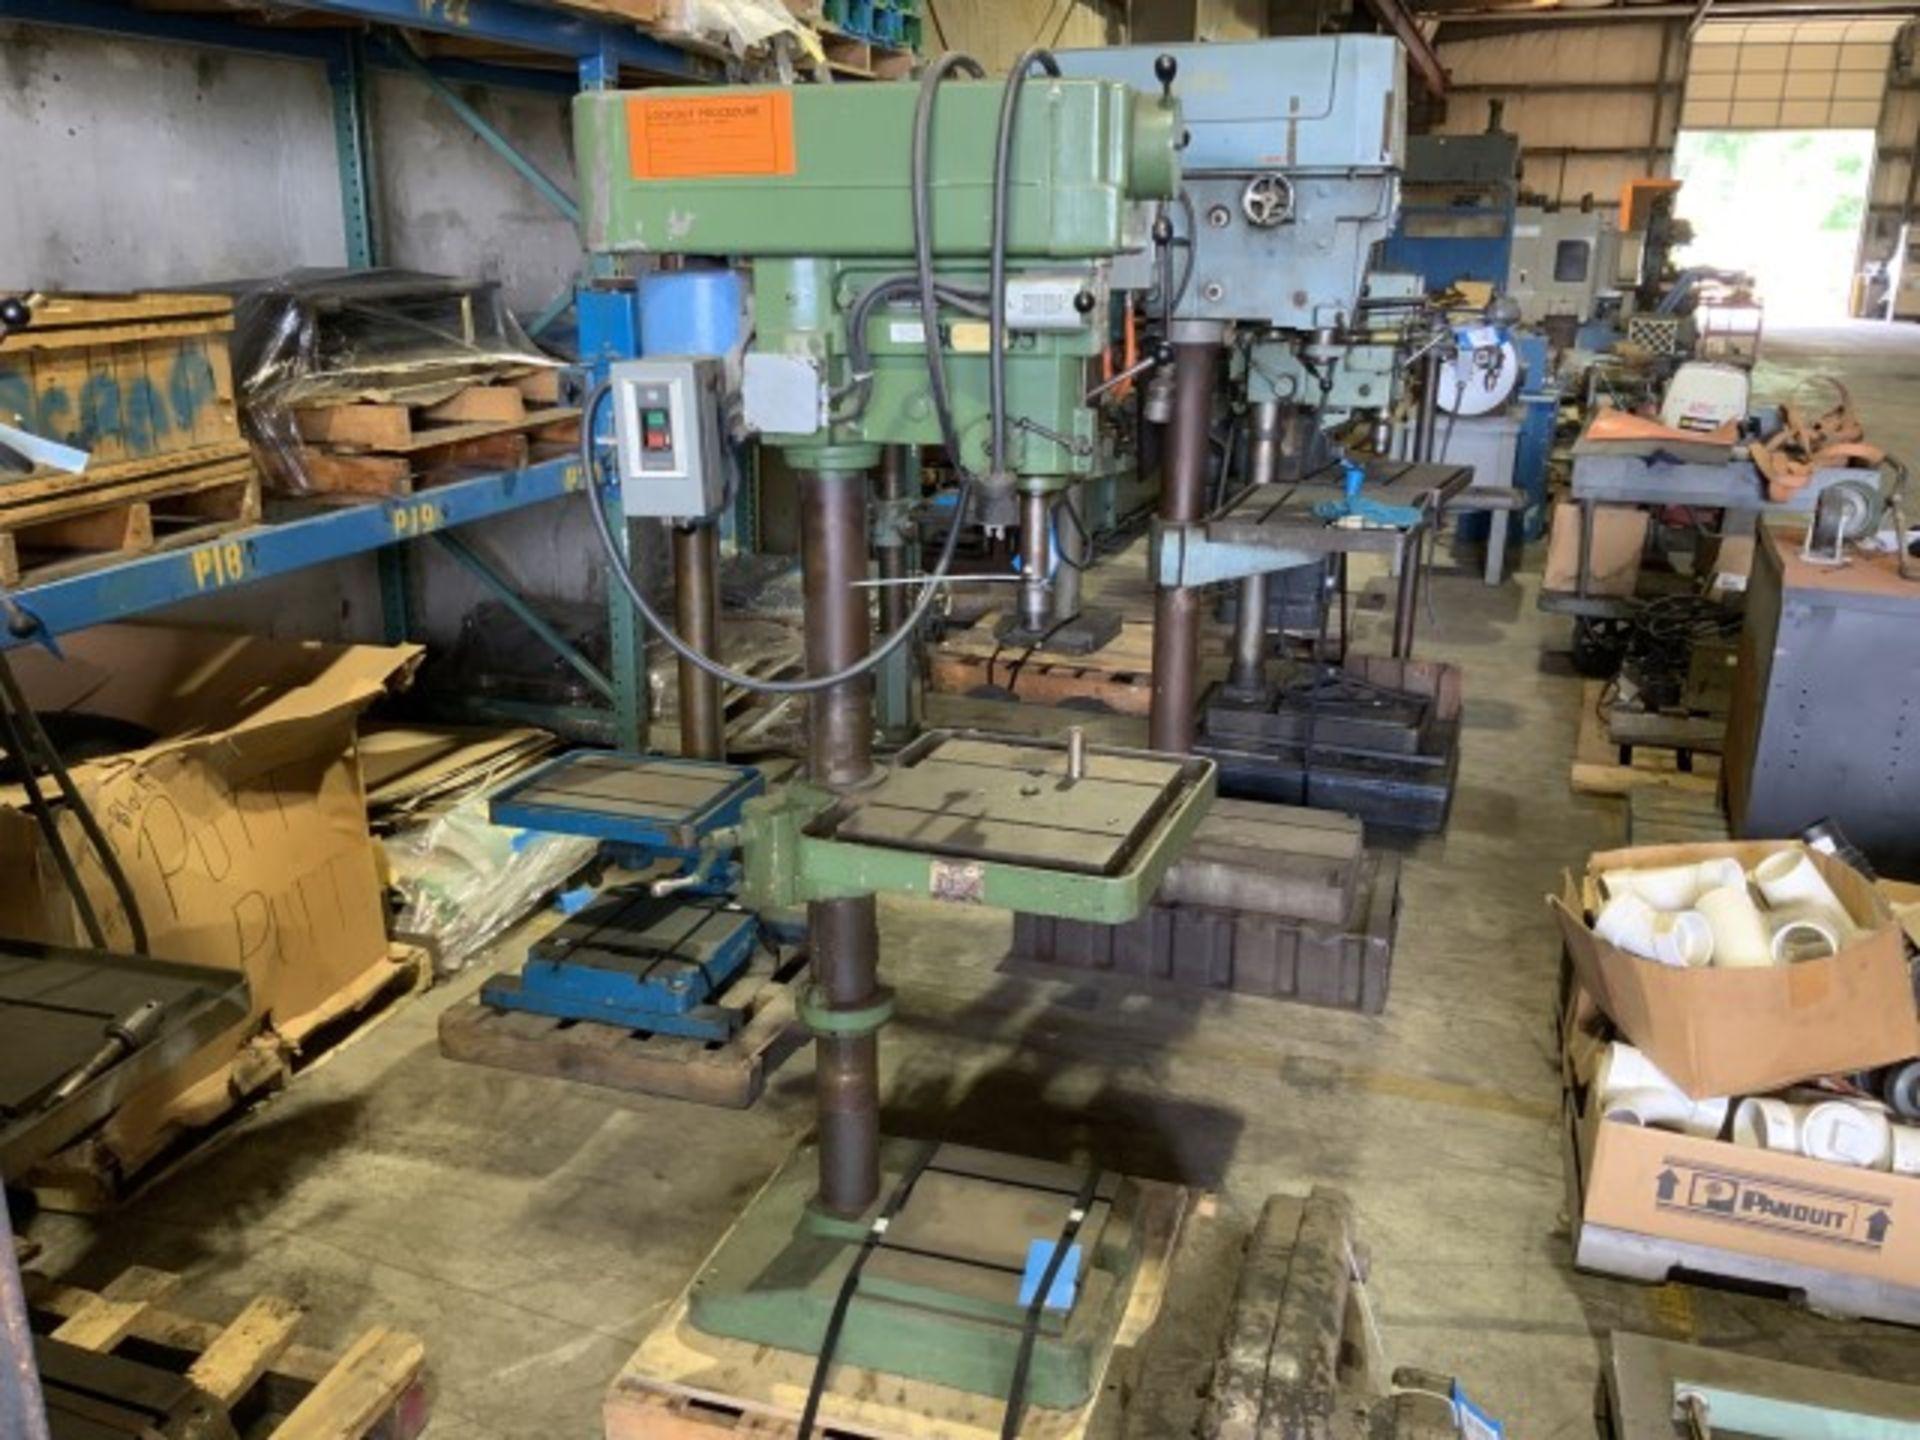 Lot 1369 - Drill press